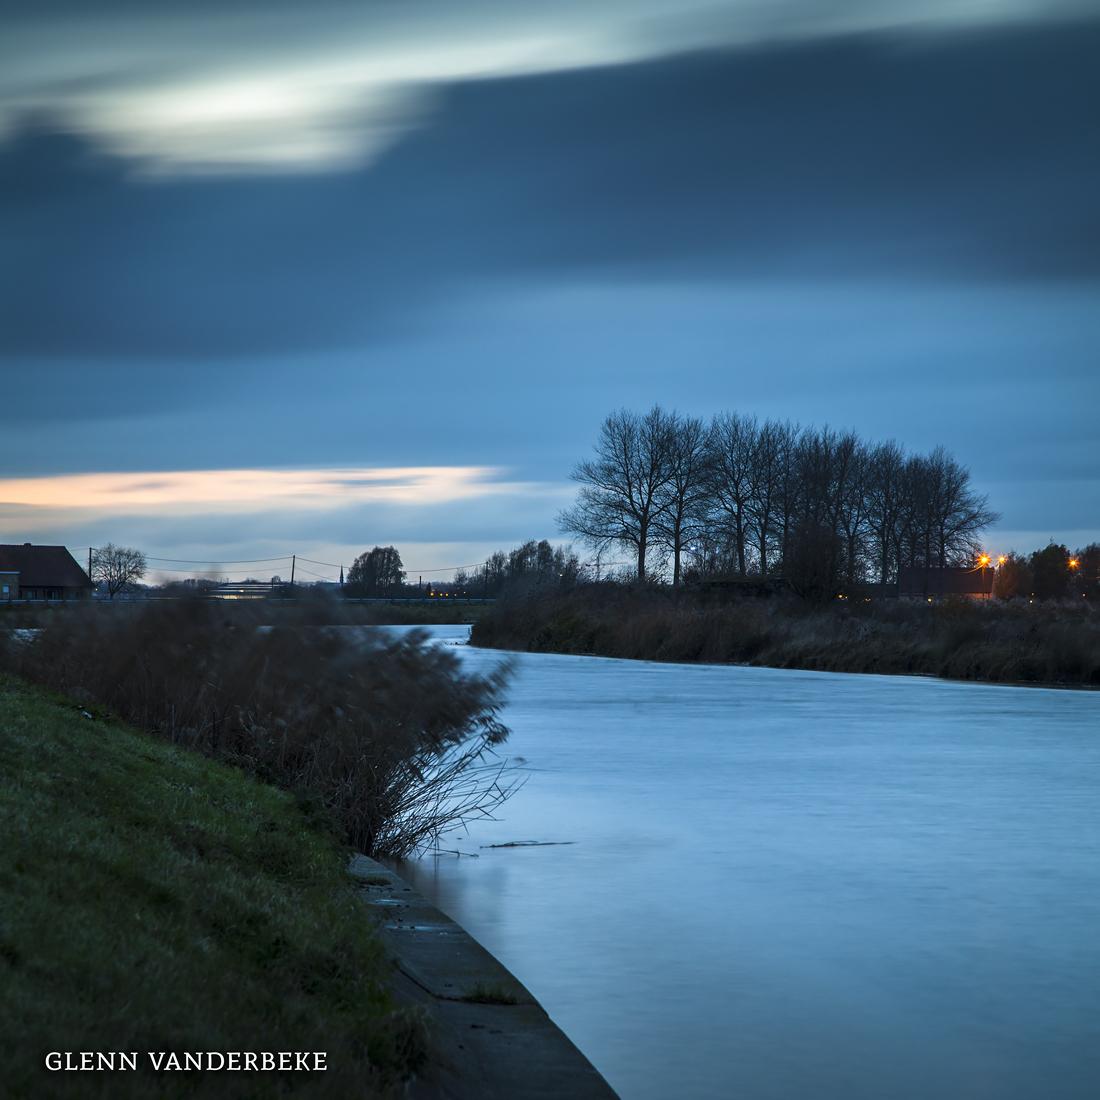 glenn vanderbeke, langs de ijzer, West Vlaanderen, landscahpsfotografie, landschapsfotograaf, Verschen Dijk, Nieuwpoort